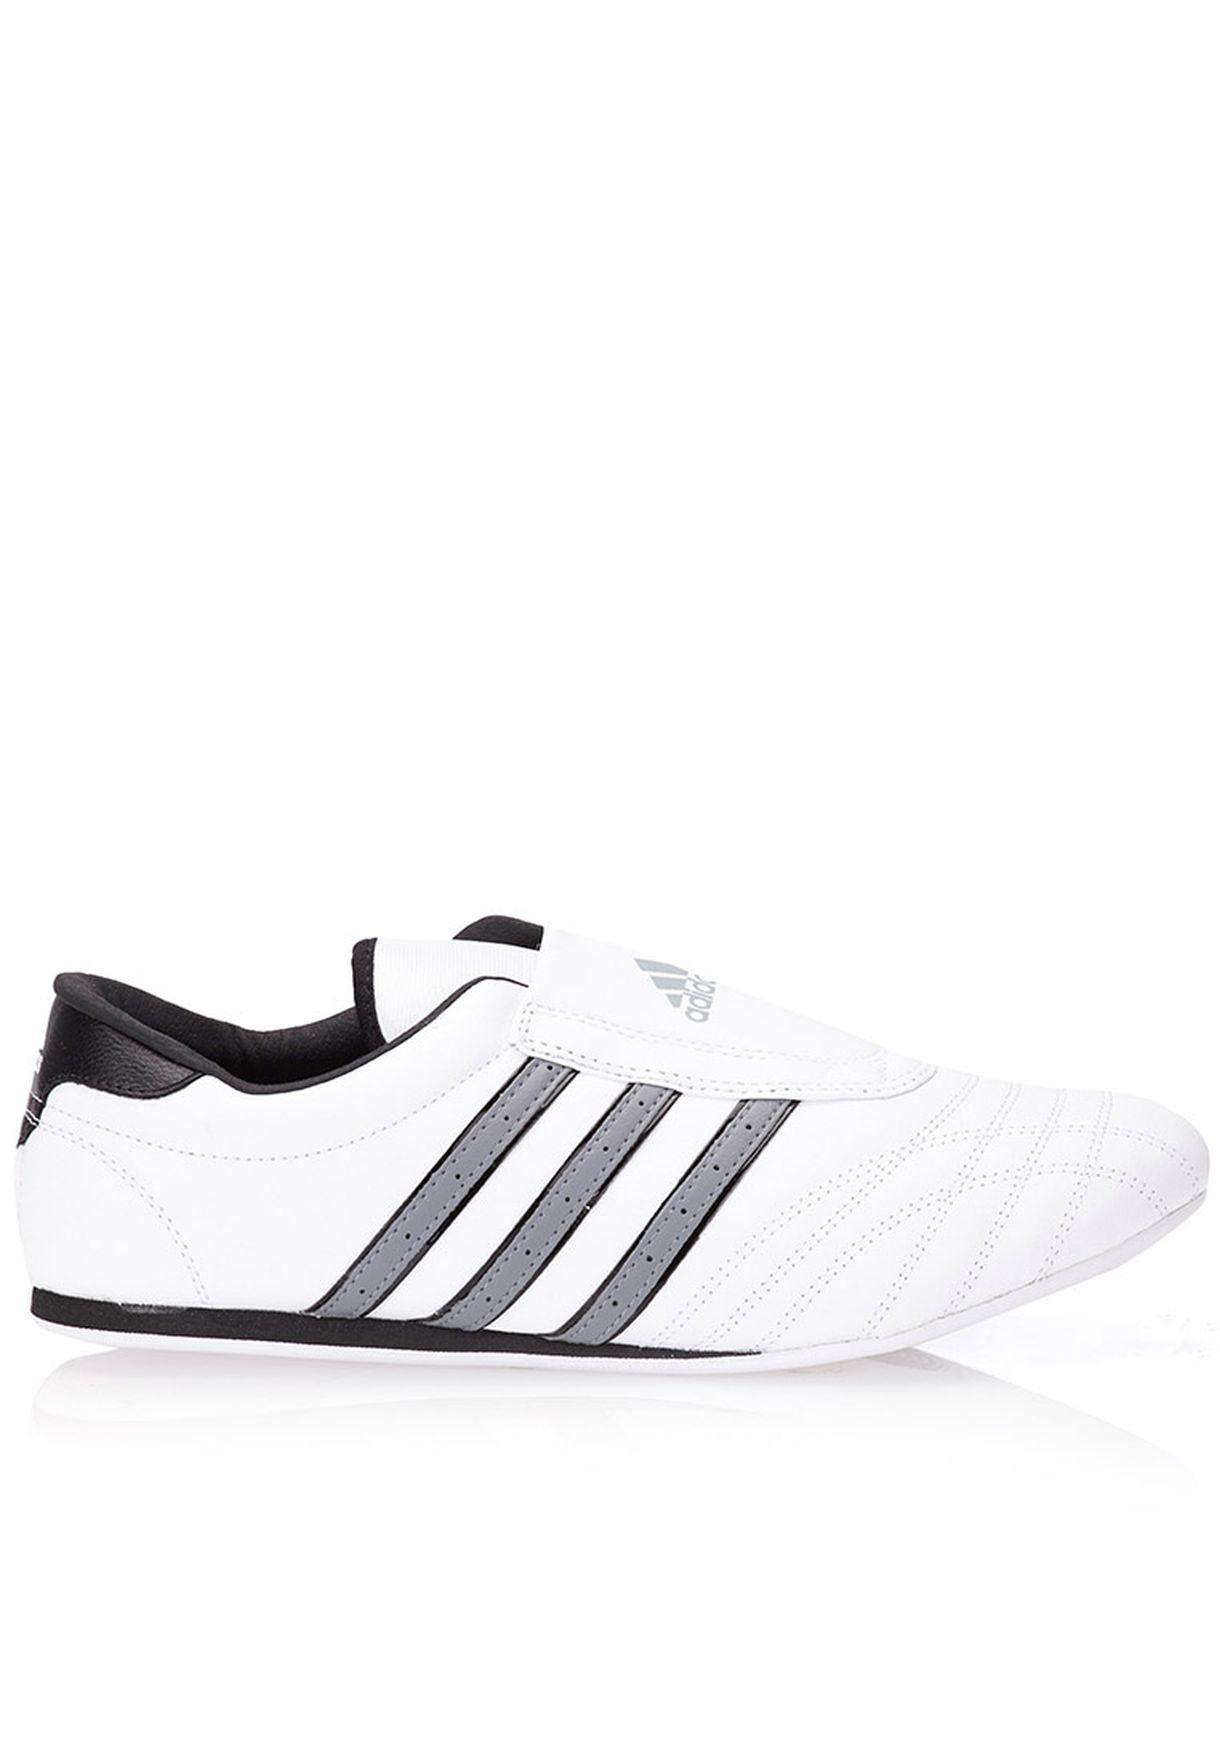 d4ca258c79326 تسوق حذاء سبورت Taekwondo ماركة اديداس لون أبيض M22731 في السعودية ...